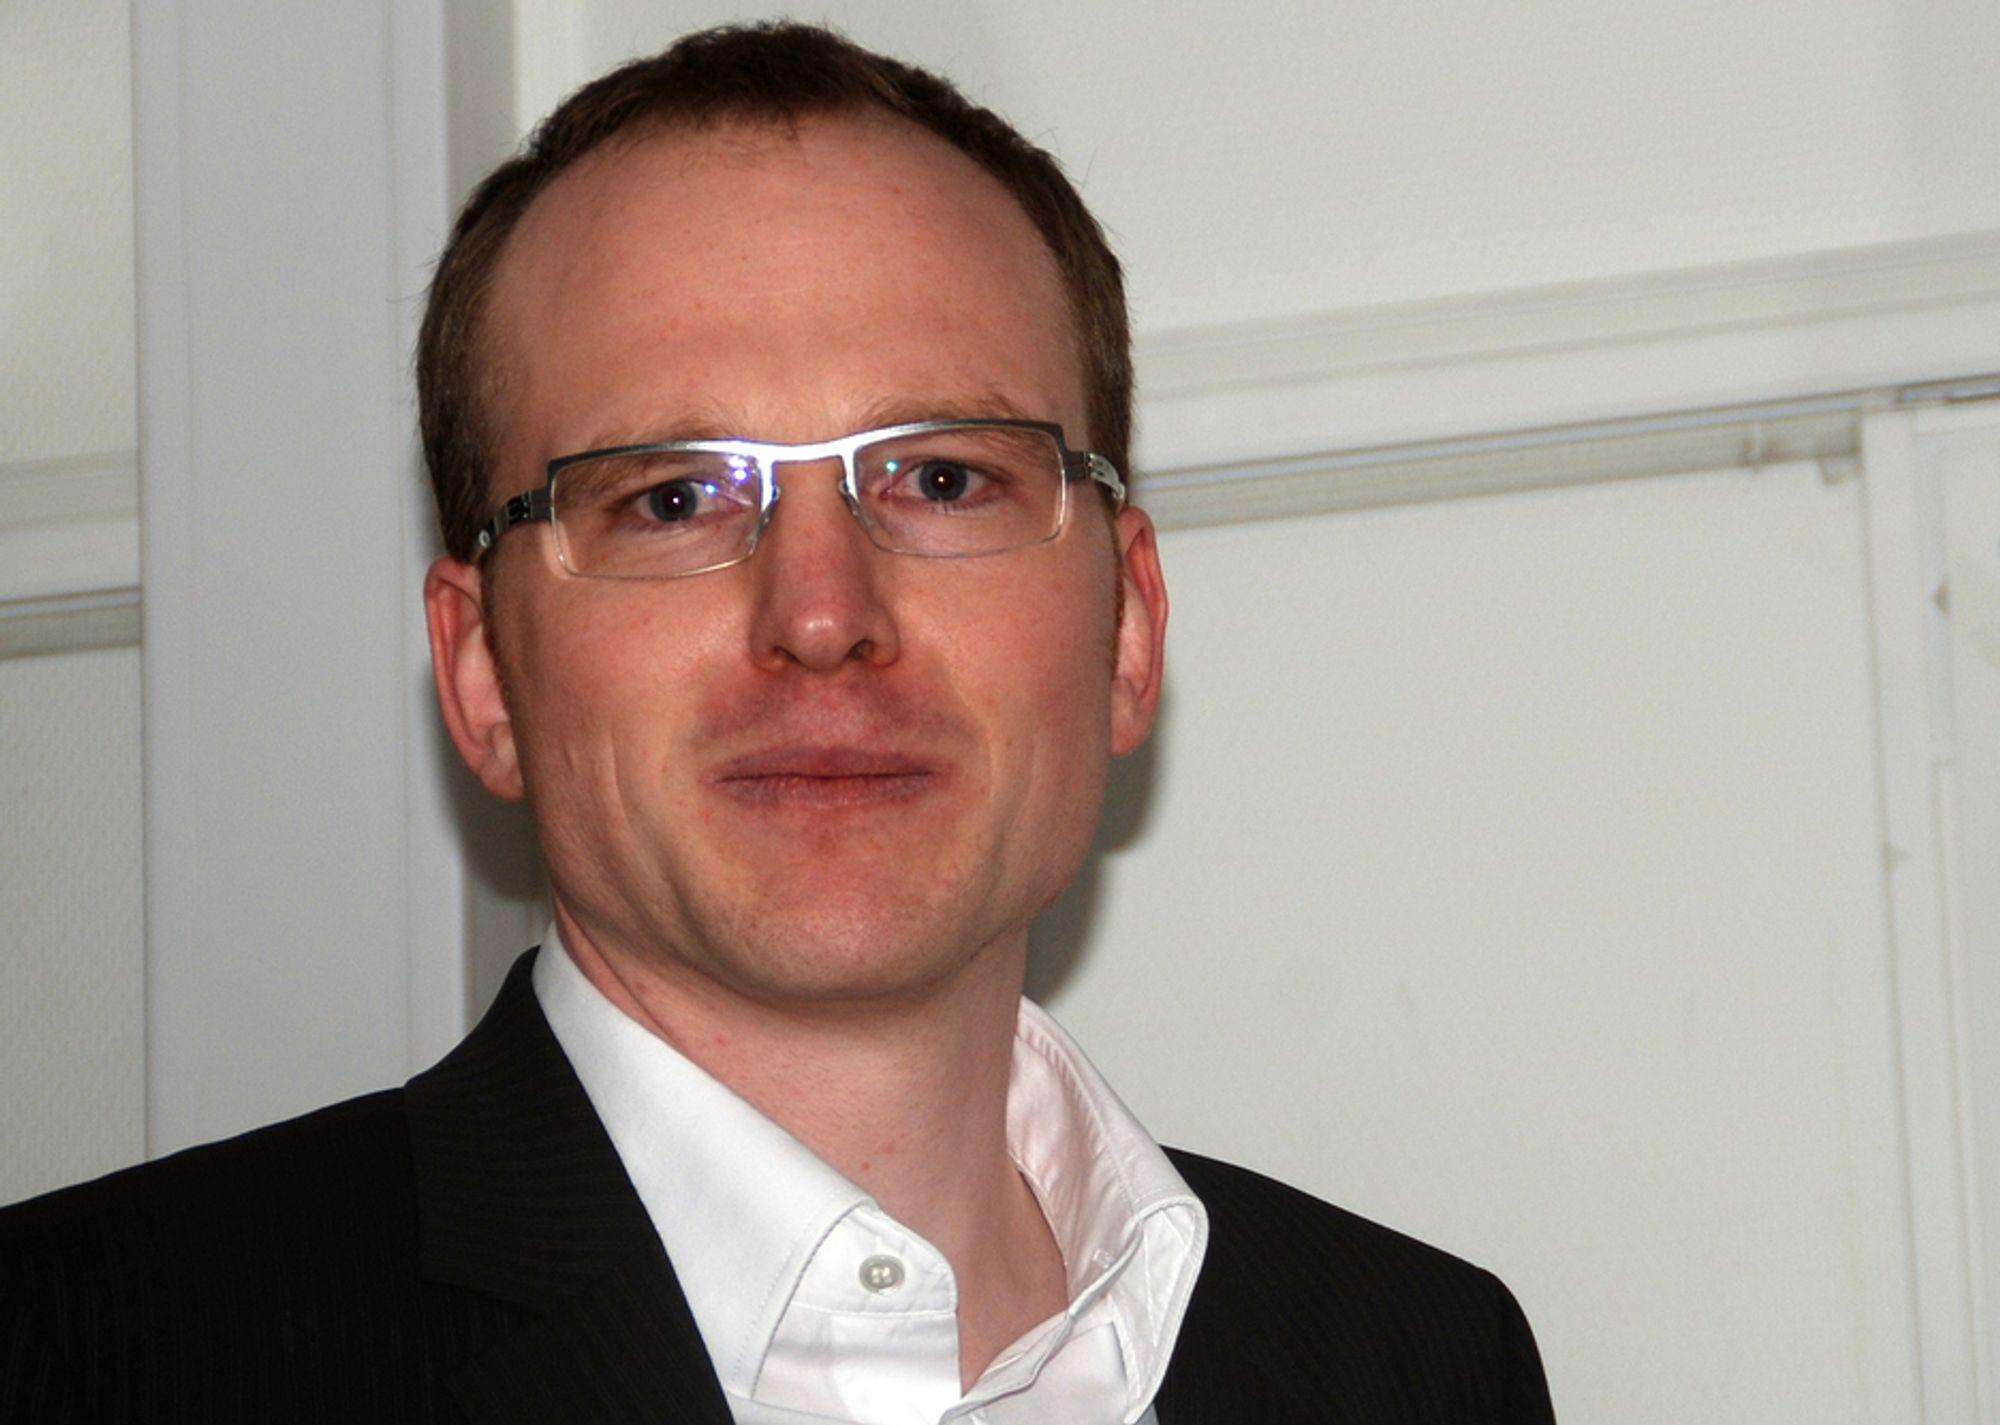 KOMPETANSE: Diplomingeniør Florian Kosche har vært veiledende ingeniør for Julien de Smedt Architects på Nye Holmenkollen Fyr - vinnerbidraget i arkitektkonkurransen for Nye Holmenkollen. Nå deltar han i prosjekteringen når bakken skal realiseres.